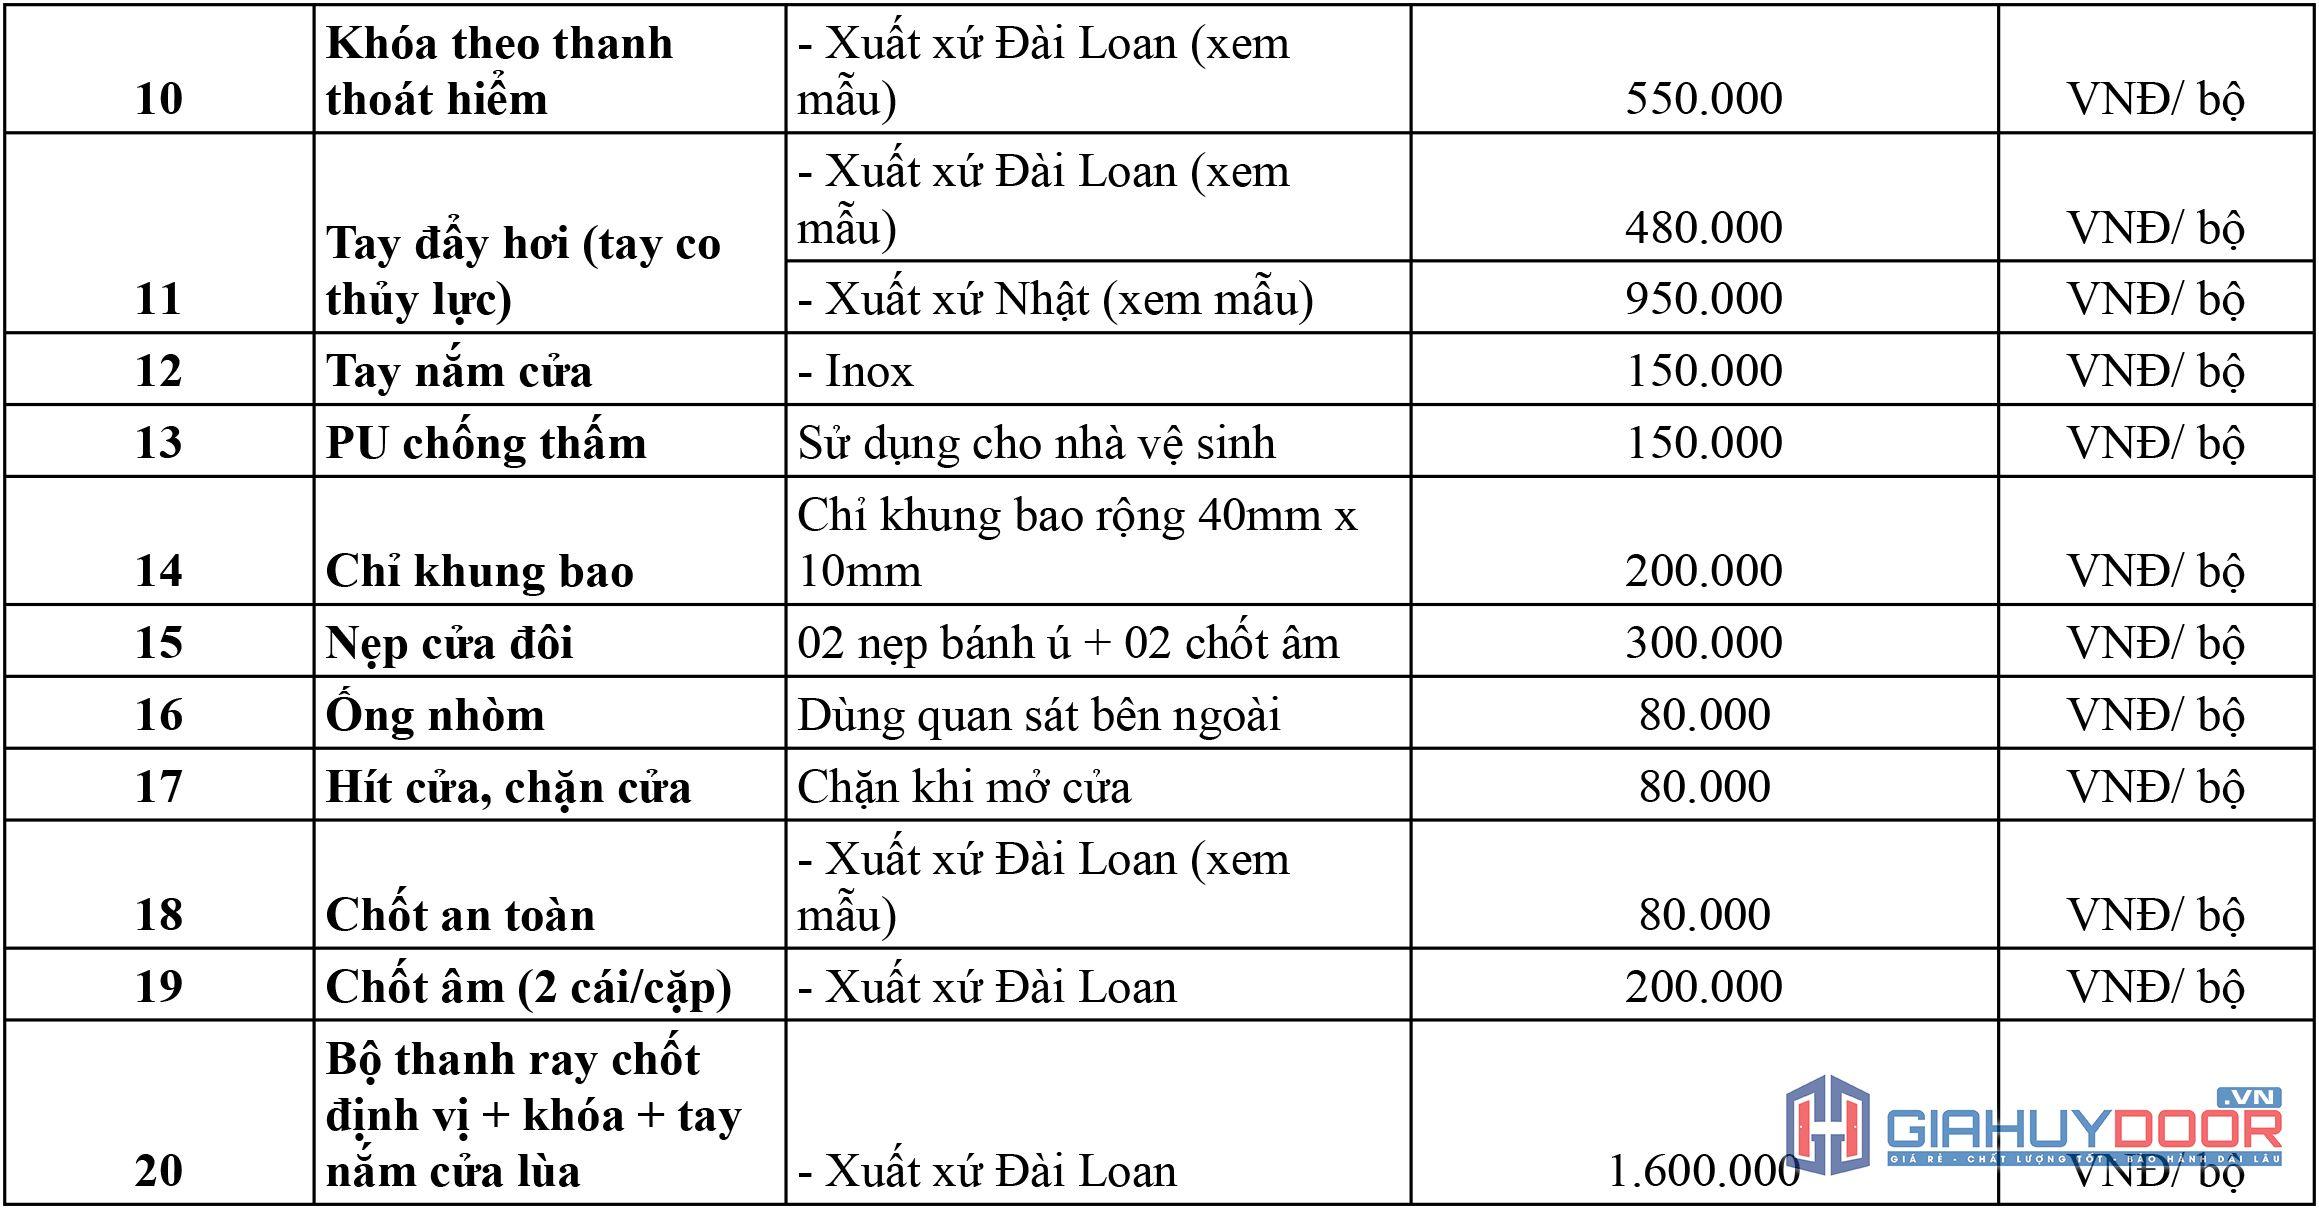 Báo giá cửa nhựa giá rẻ TPHCM chỉ từ 2.950.000đ/bộ tại Giahuy door